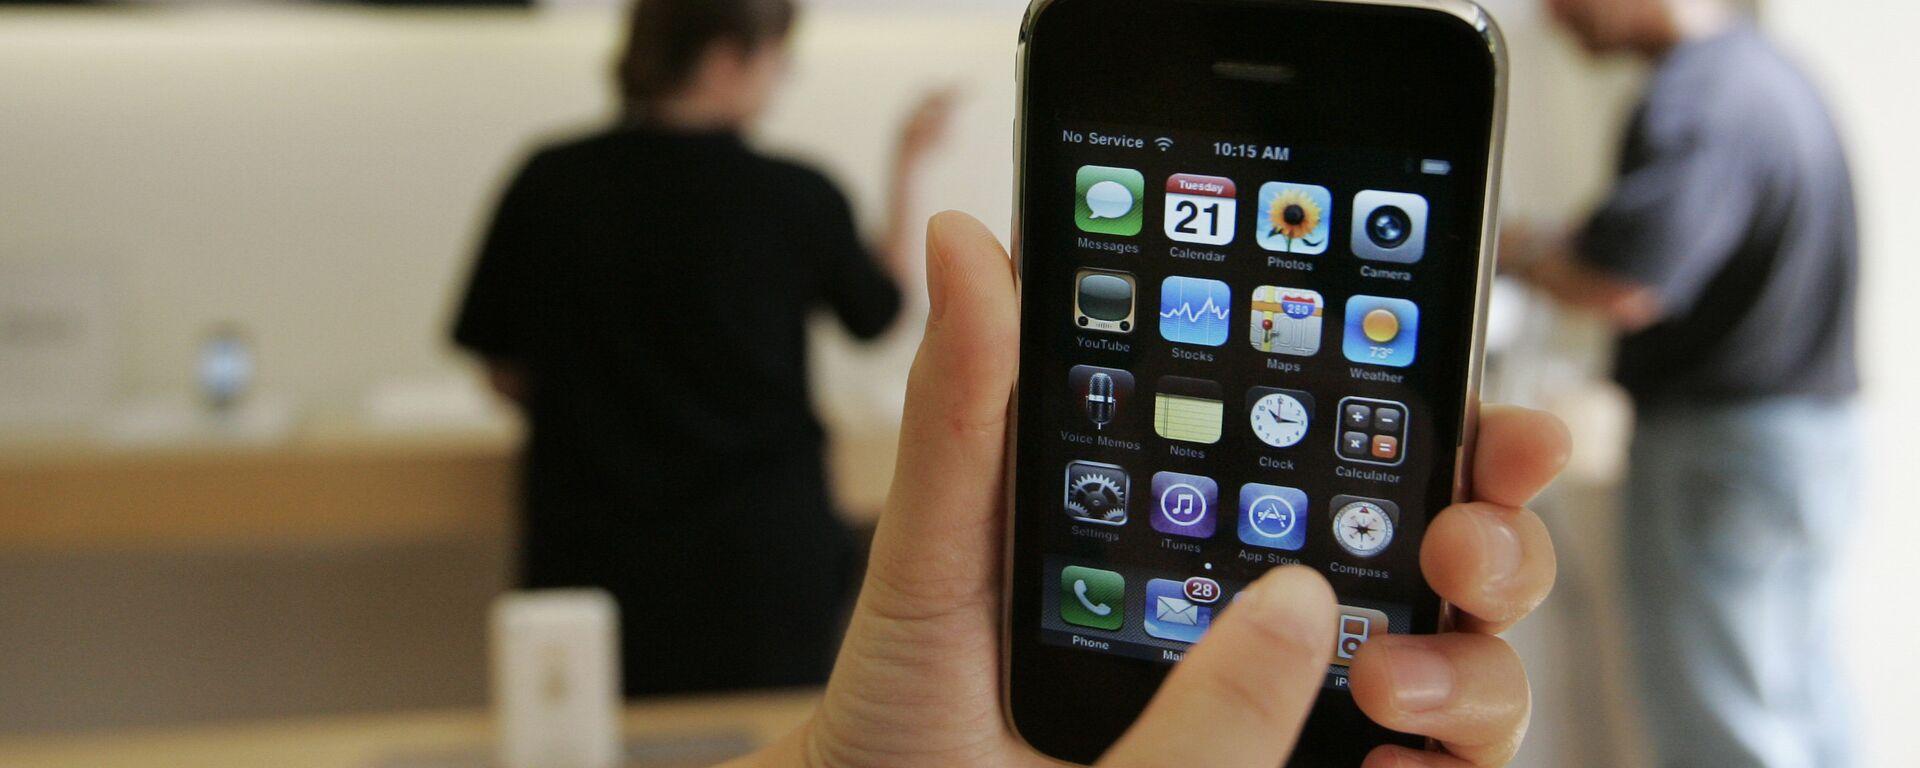 Un cliente muestra un iPhone 3GS de Apple en una tienda Apple en Palo Alto, California en 2009.   - Sputnik Mundo, 1920, 27.04.2021